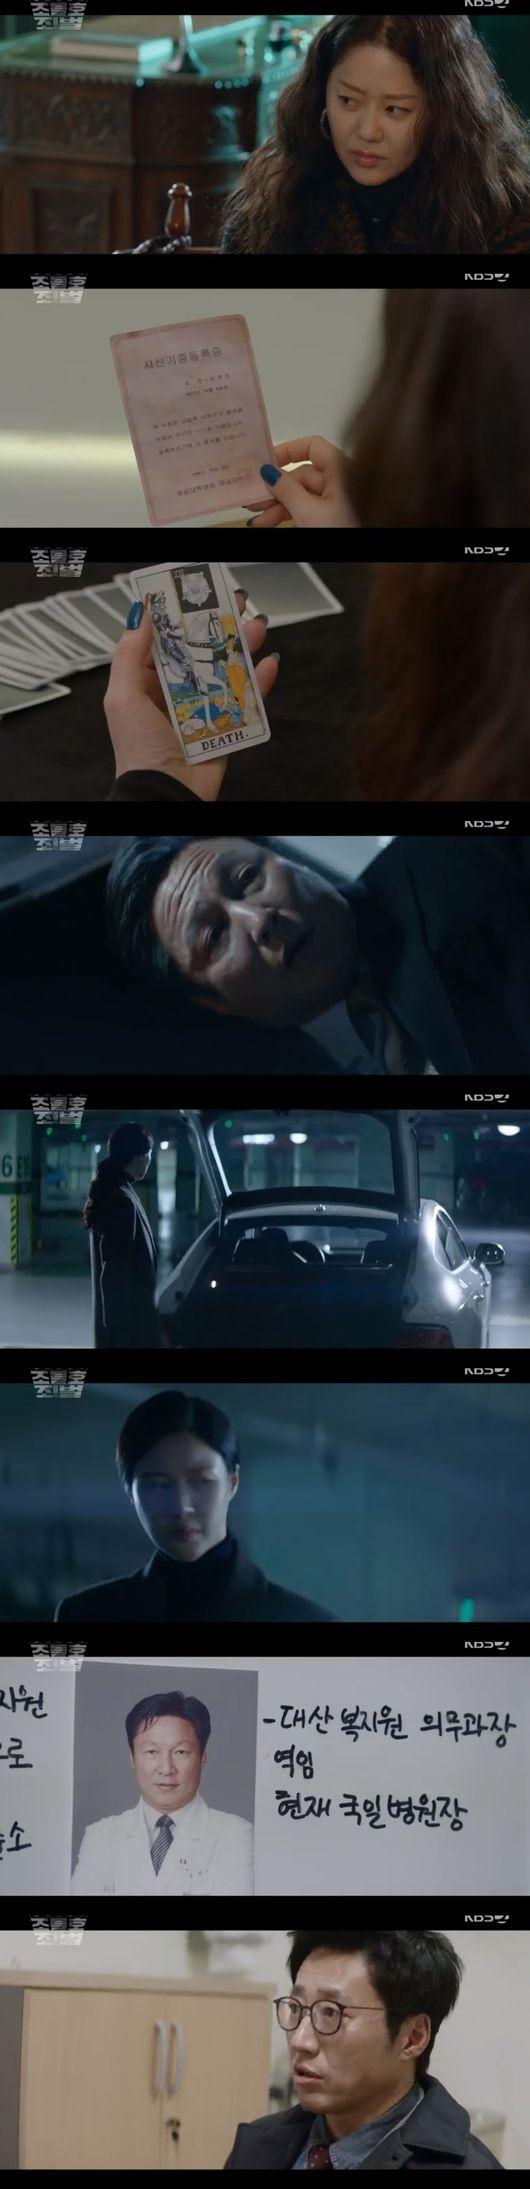 조들호2 박신양, 고현정의 특별한 살인동기 직감 [Oh!쎈리뷰]